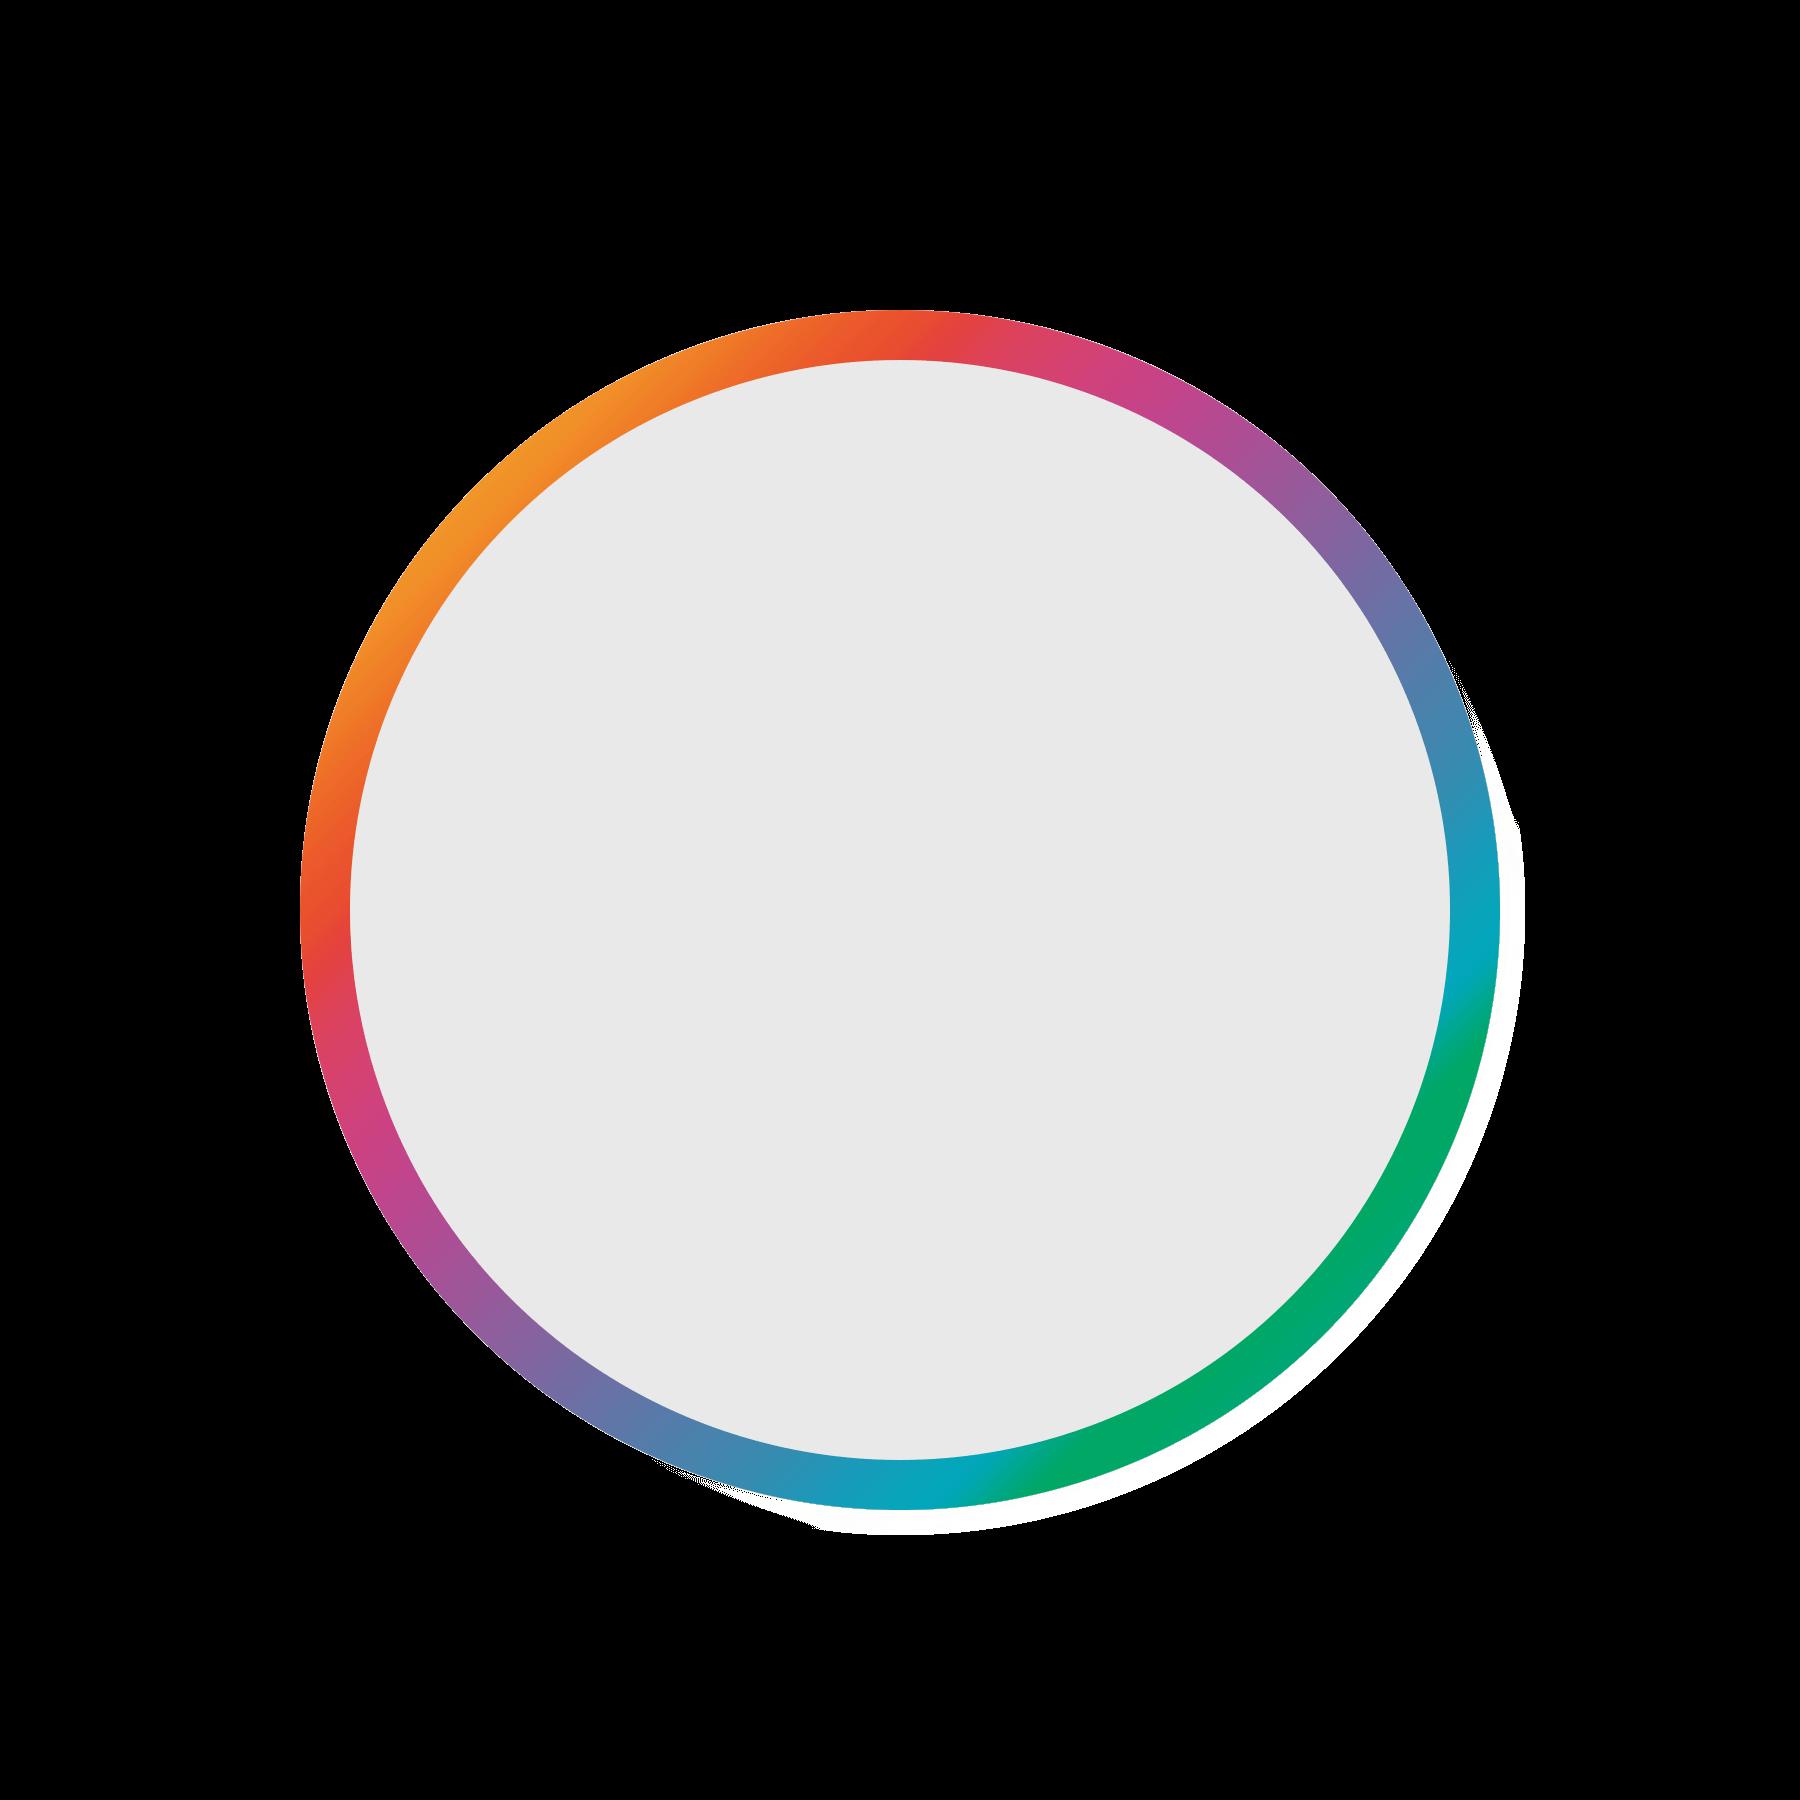 XMG TRINITY mATX - AMD